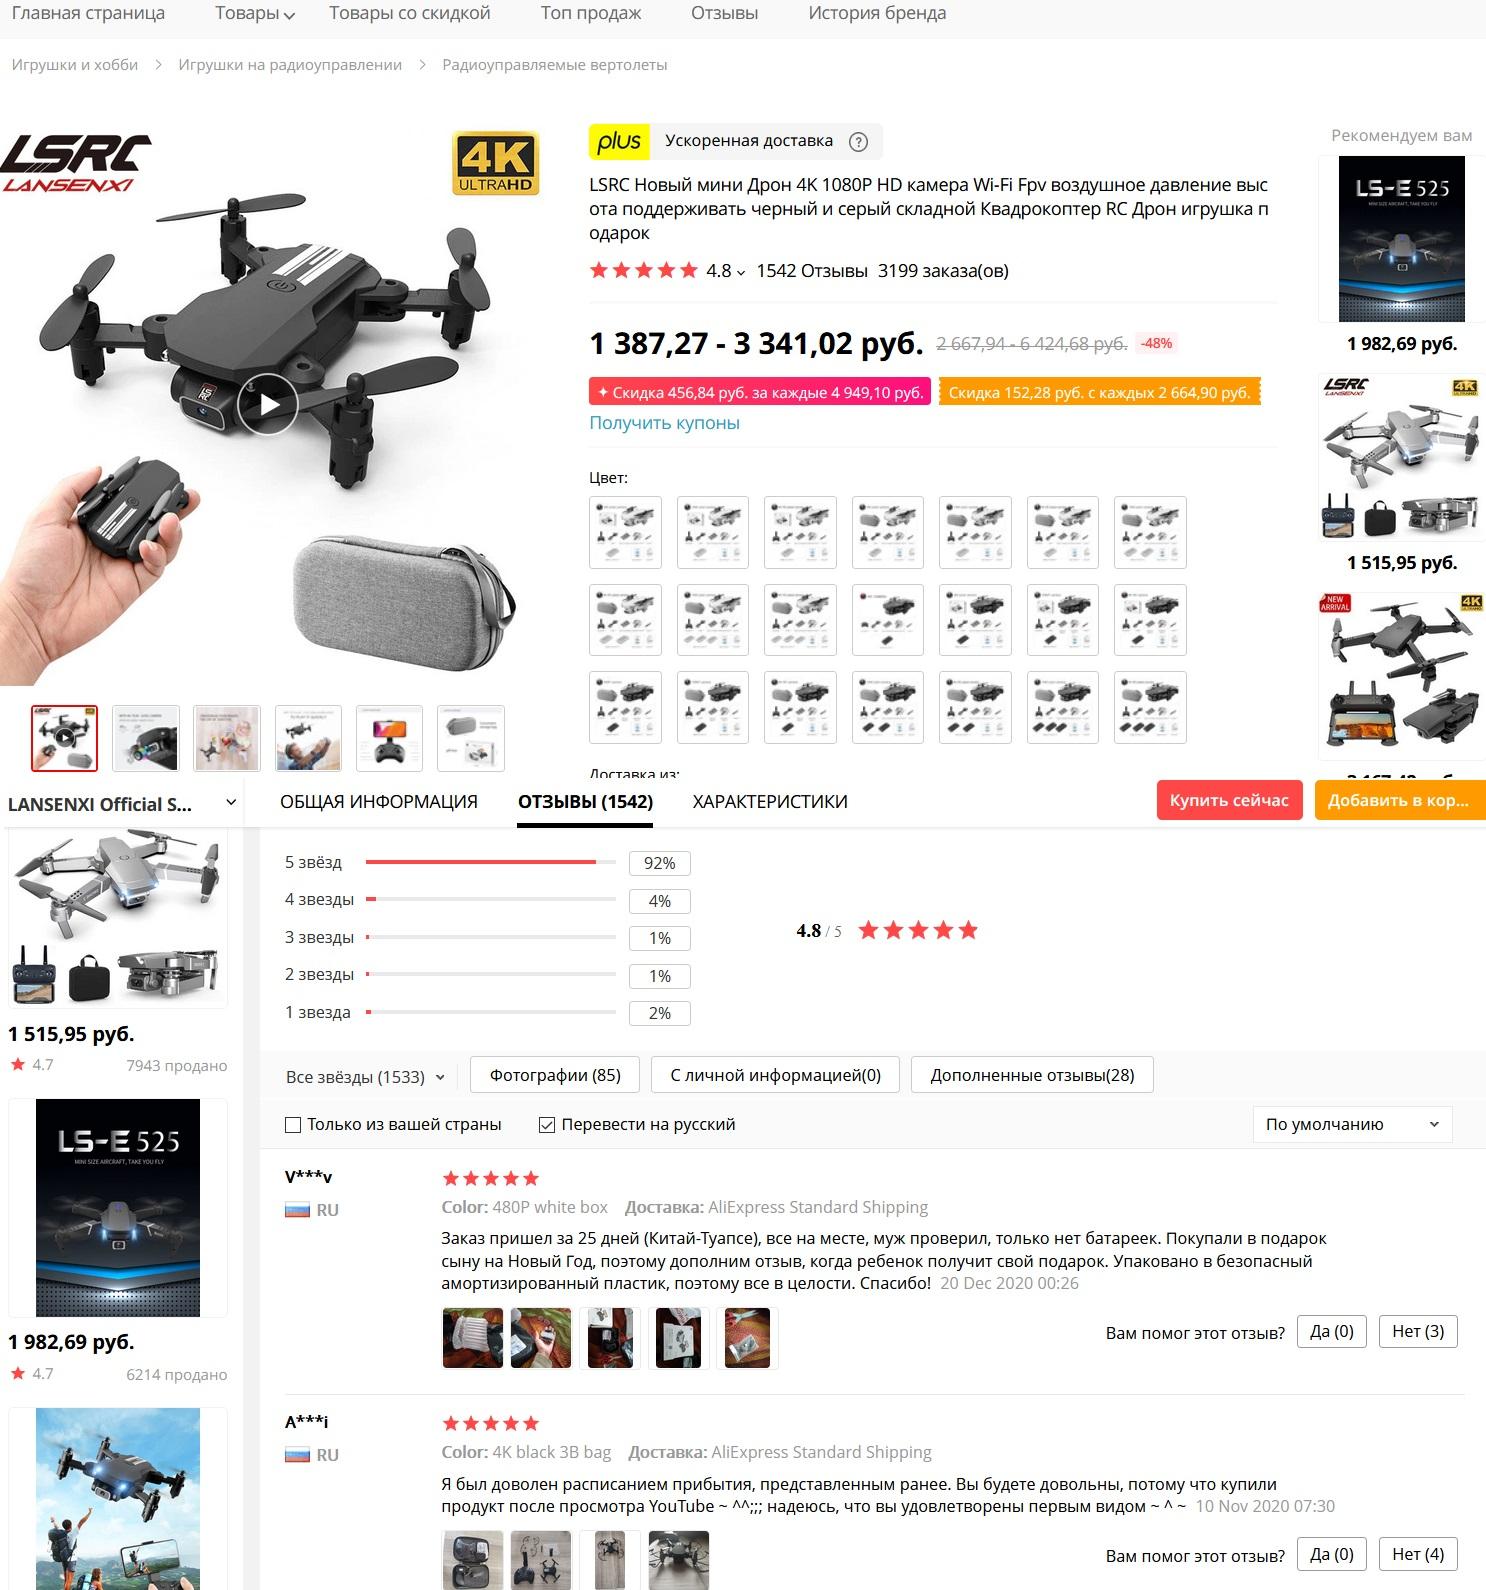 Квадрокоптер LSRC LS-Mini Drone 4K